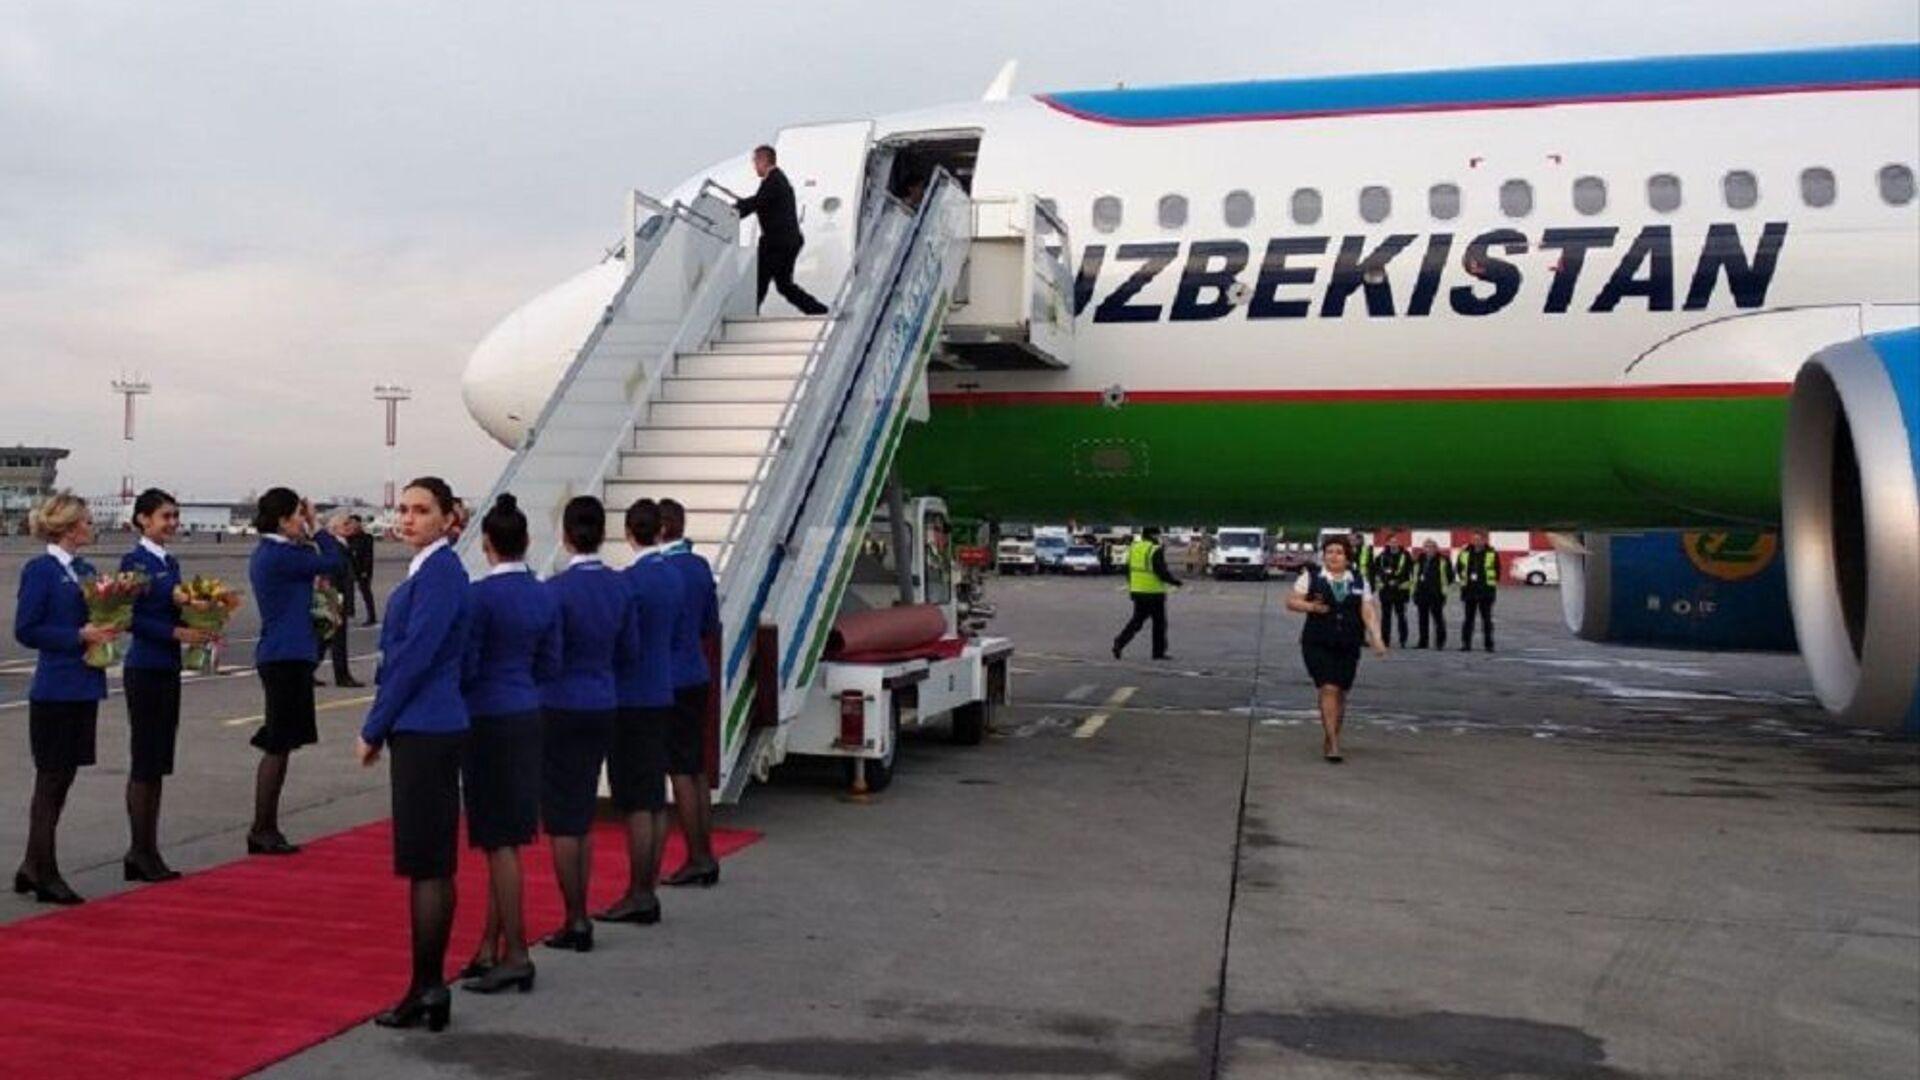 Встреча нового самолета Airbus-320neo в аэропорту Ташкента - Sputnik Узбекистан, 1920, 07.09.2021